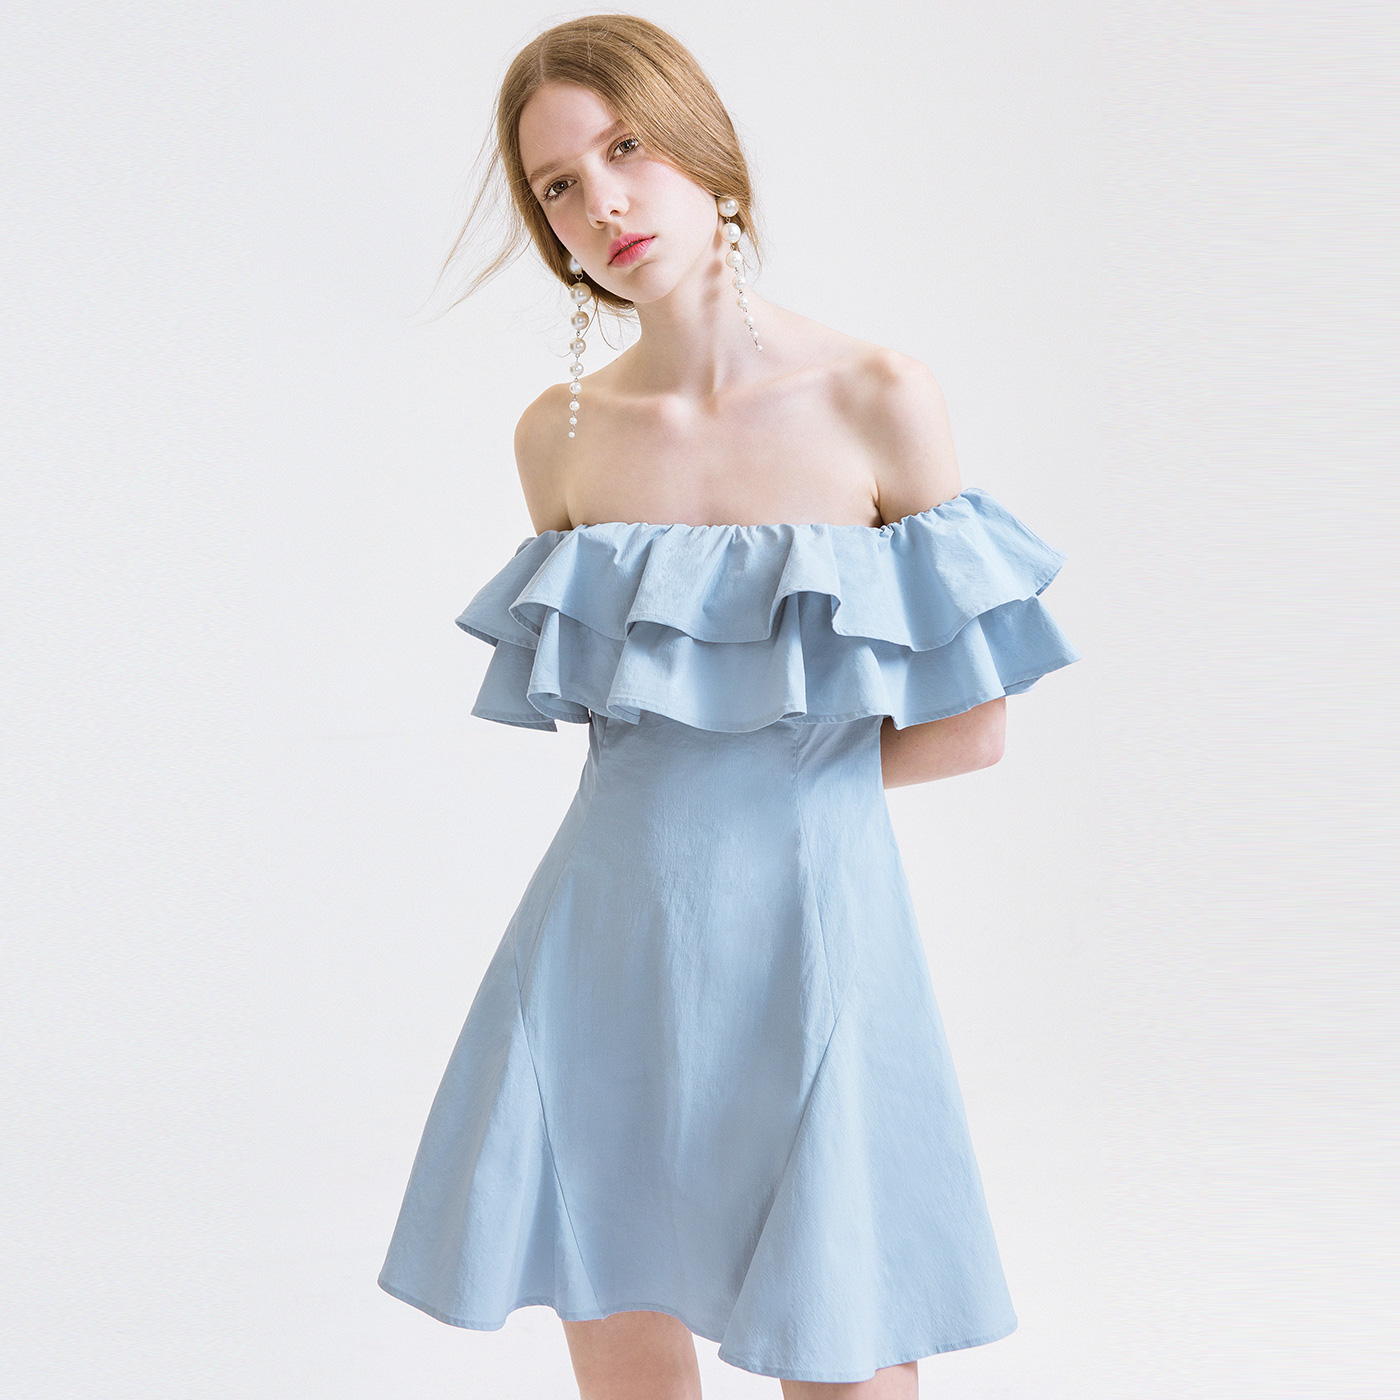 糖力夏装新款欧美女蓝色一字领荷叶边连衣裙露肩礼服显瘦